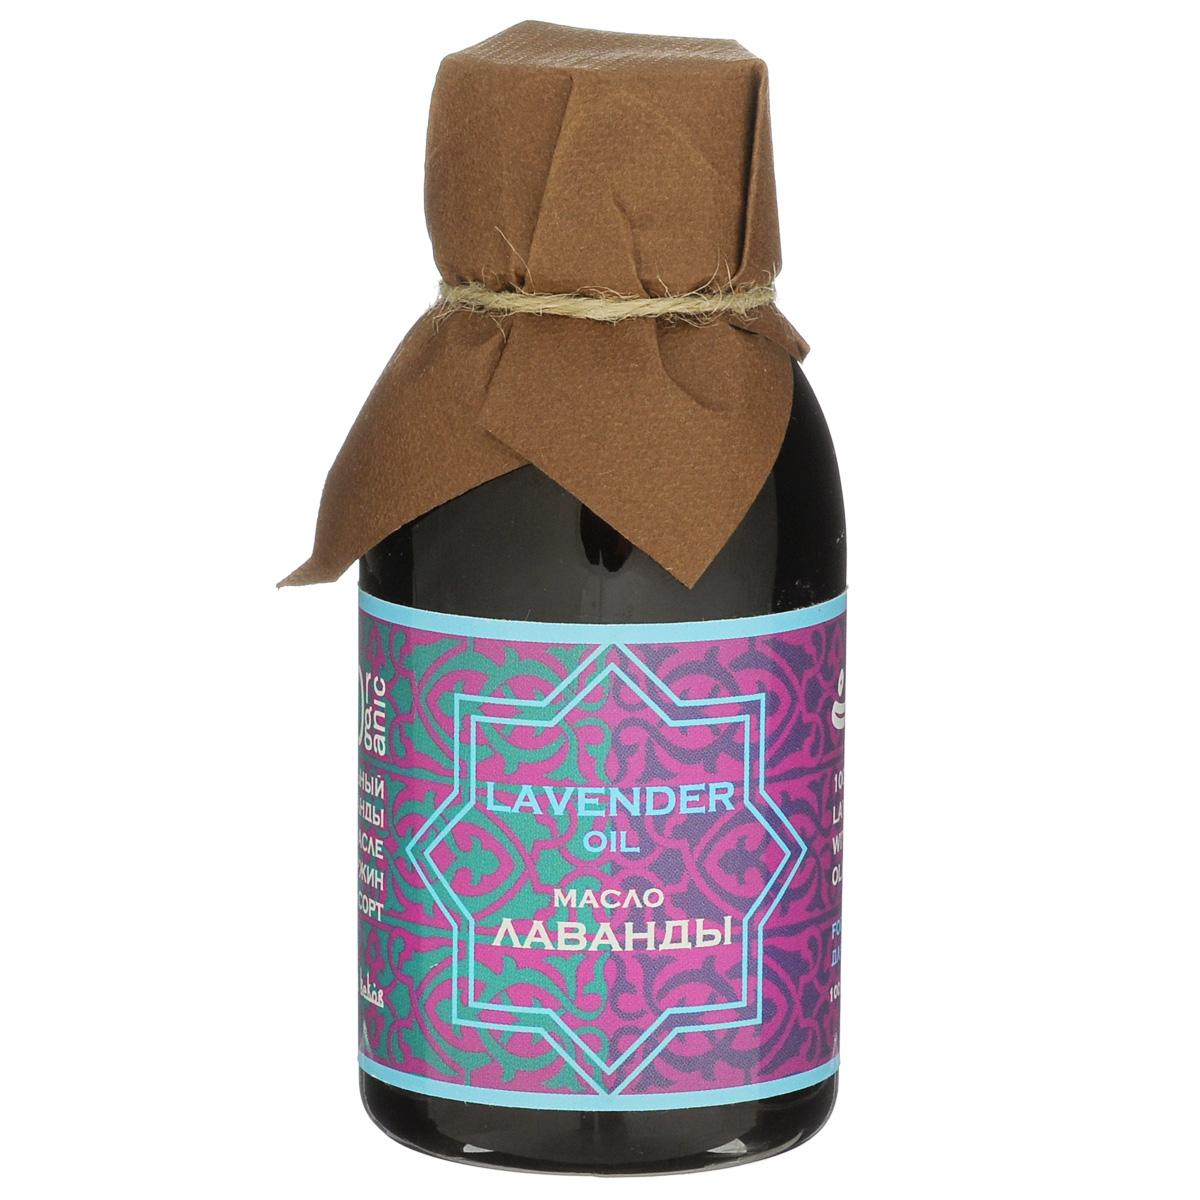 Зейтун Маслянный экстракт Лаванда, 100 млZ3402Мацерат — это продукт, получаемый при масляной экстракции цветов лаванды, который впитал в себя всю их пользу и силу. Лаванда, как известно, обладает успокаивающим действием, снимает боли и спазмы, улучшает память, помогает собраться в стрессовой ситуации. Мацерат лаванды хорош для ухода за комбинированной и жирной кожей, благодаря своим антисептическим свойствам, помогает подлечивать воспаления кожи, улучшает микроциркуляцию крови, тонизирует и успокаивает её, за счет регуляции деятельности сальных желез, кожа становится гладкой, бархатистой, здоровой и красивой. Масло лаванды подходит не только для кожи, но и для волос: он укрепляет ломкие и поврежденные волосы, укрепляет волосяную луковицу, ускоряет рост волос, улучшает их структуру и общее состояние, наполняя их блеском и жизненной силой. Также масло лаванды способствует укреплению ногтей.